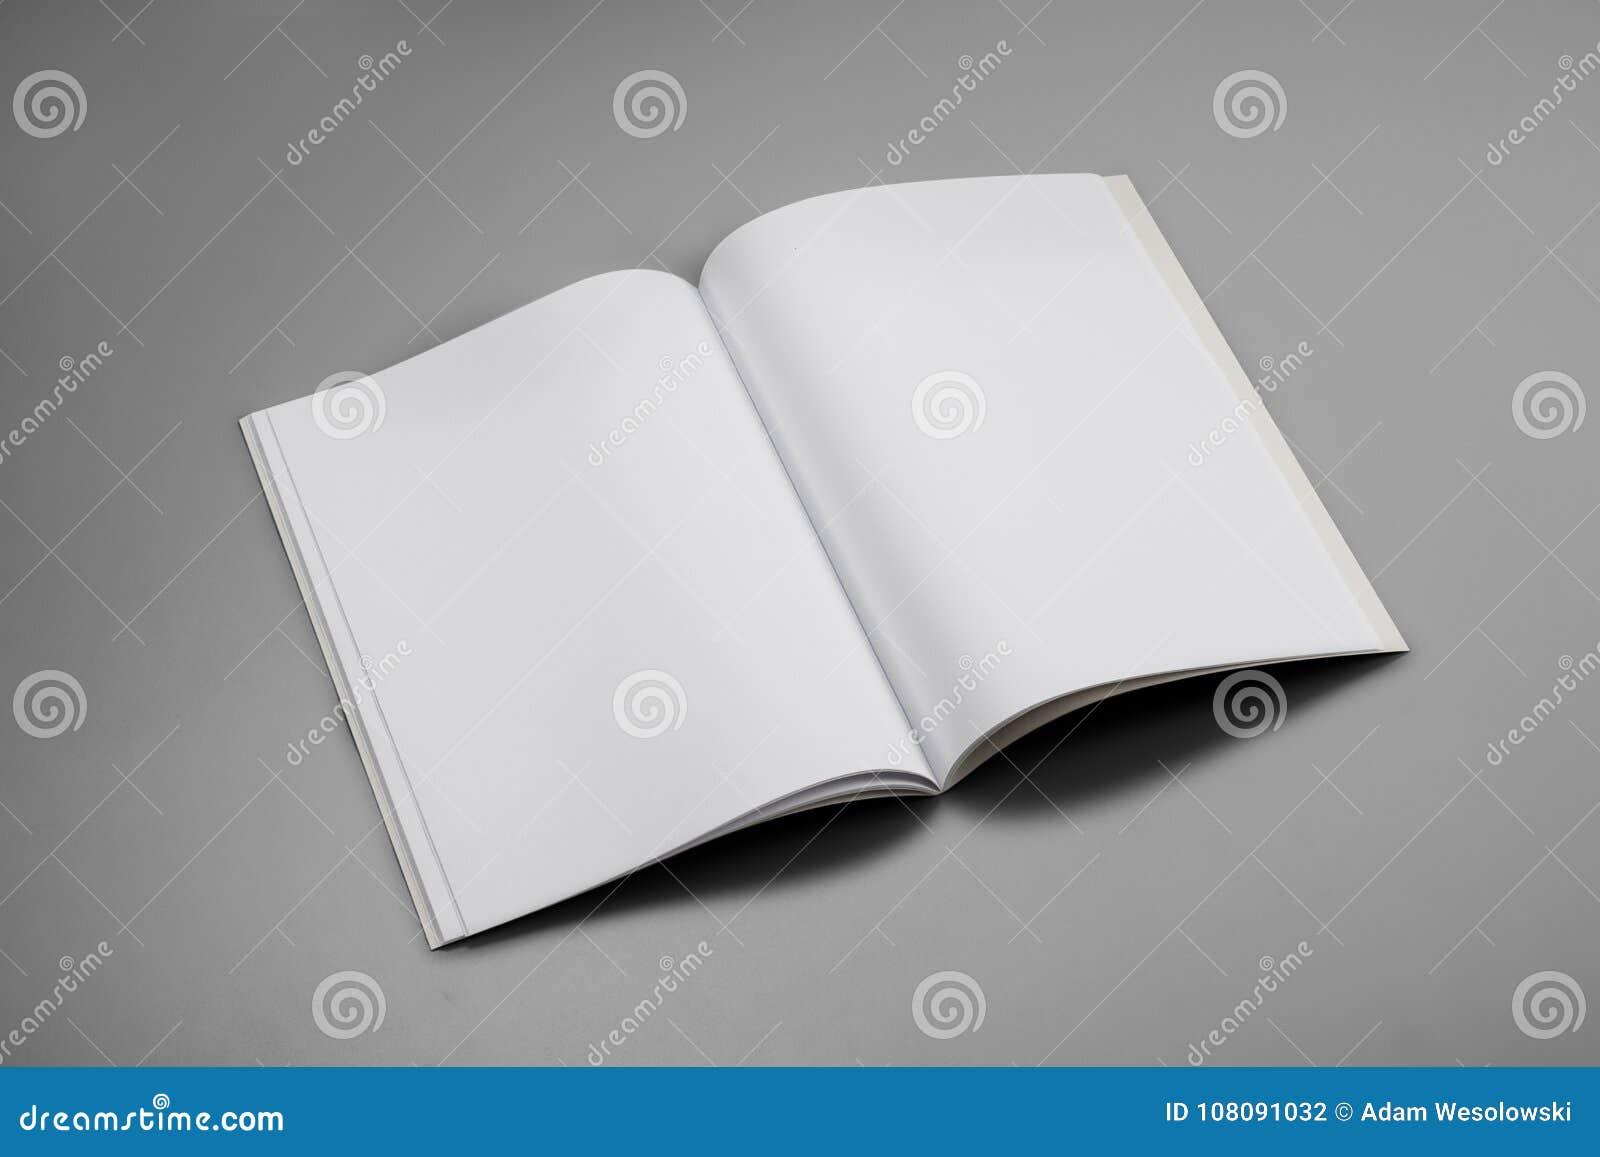 大模型杂志、书或者编目在灰色桌背景